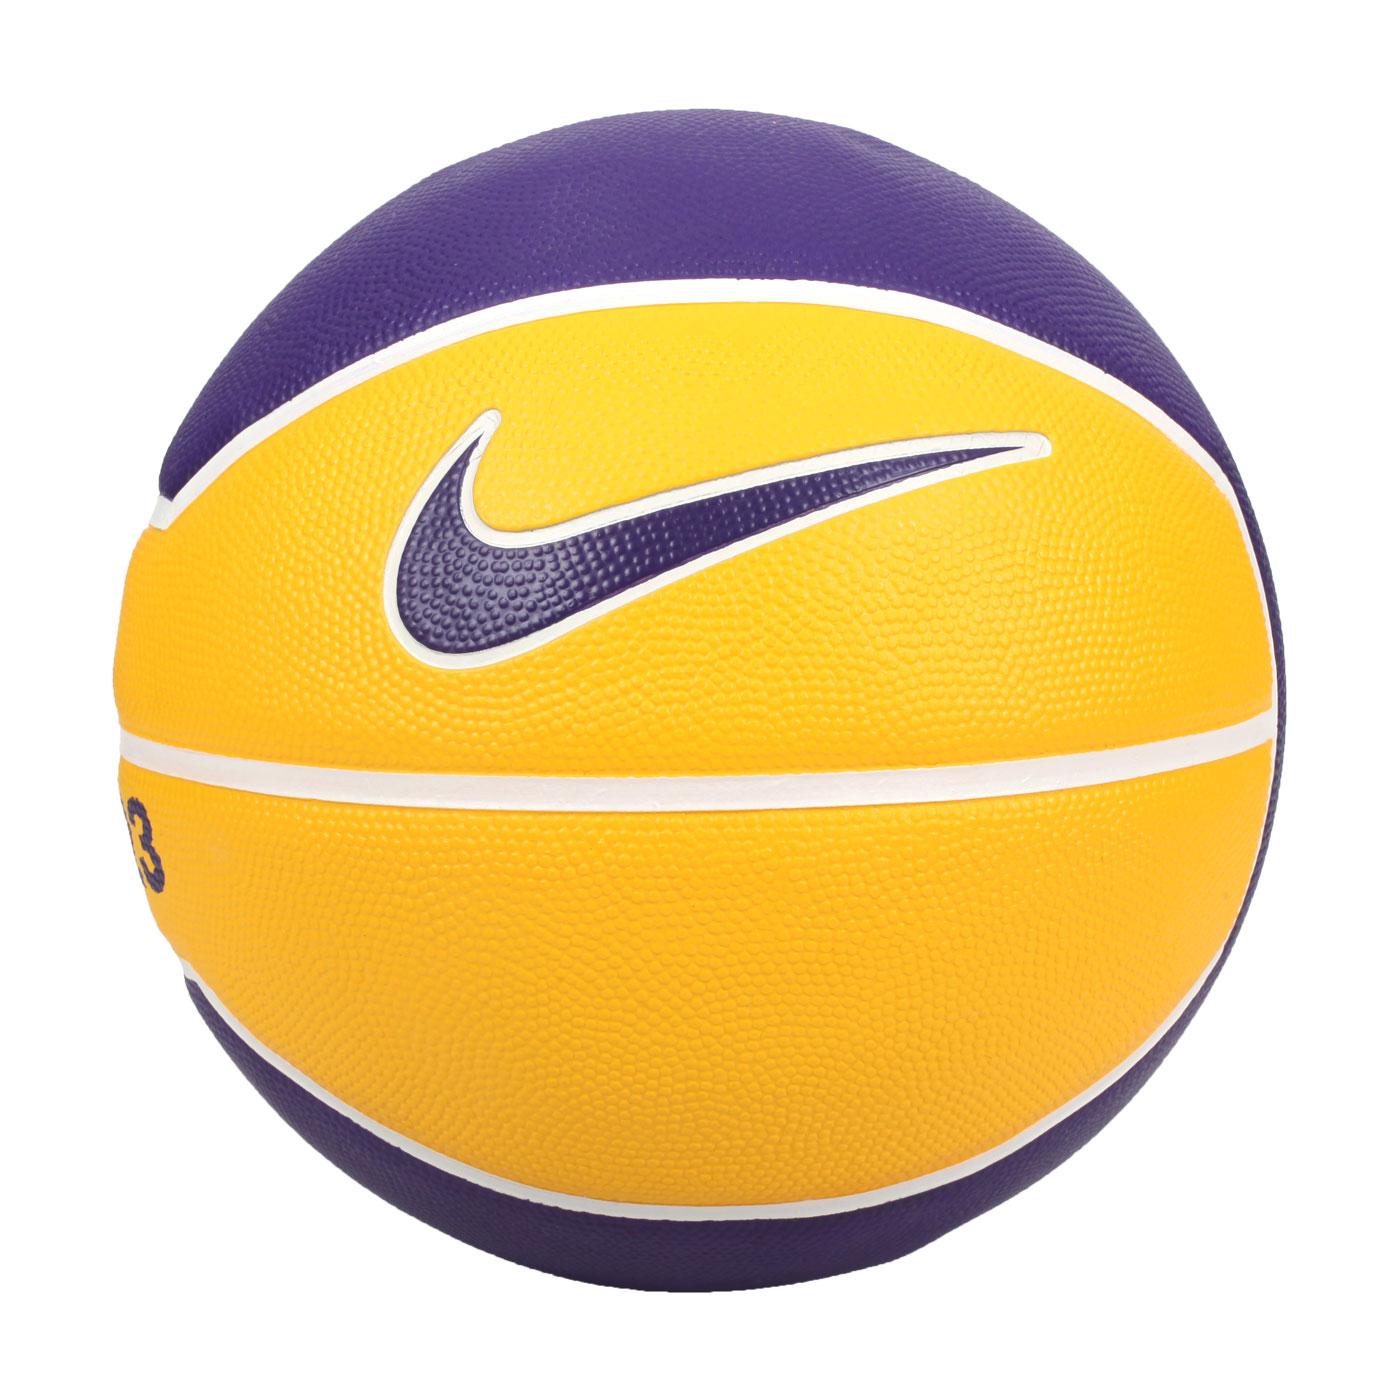 NIKE LEBRON PLAYGROUND 4P 7號籃球 N000278472807 - 黃紫